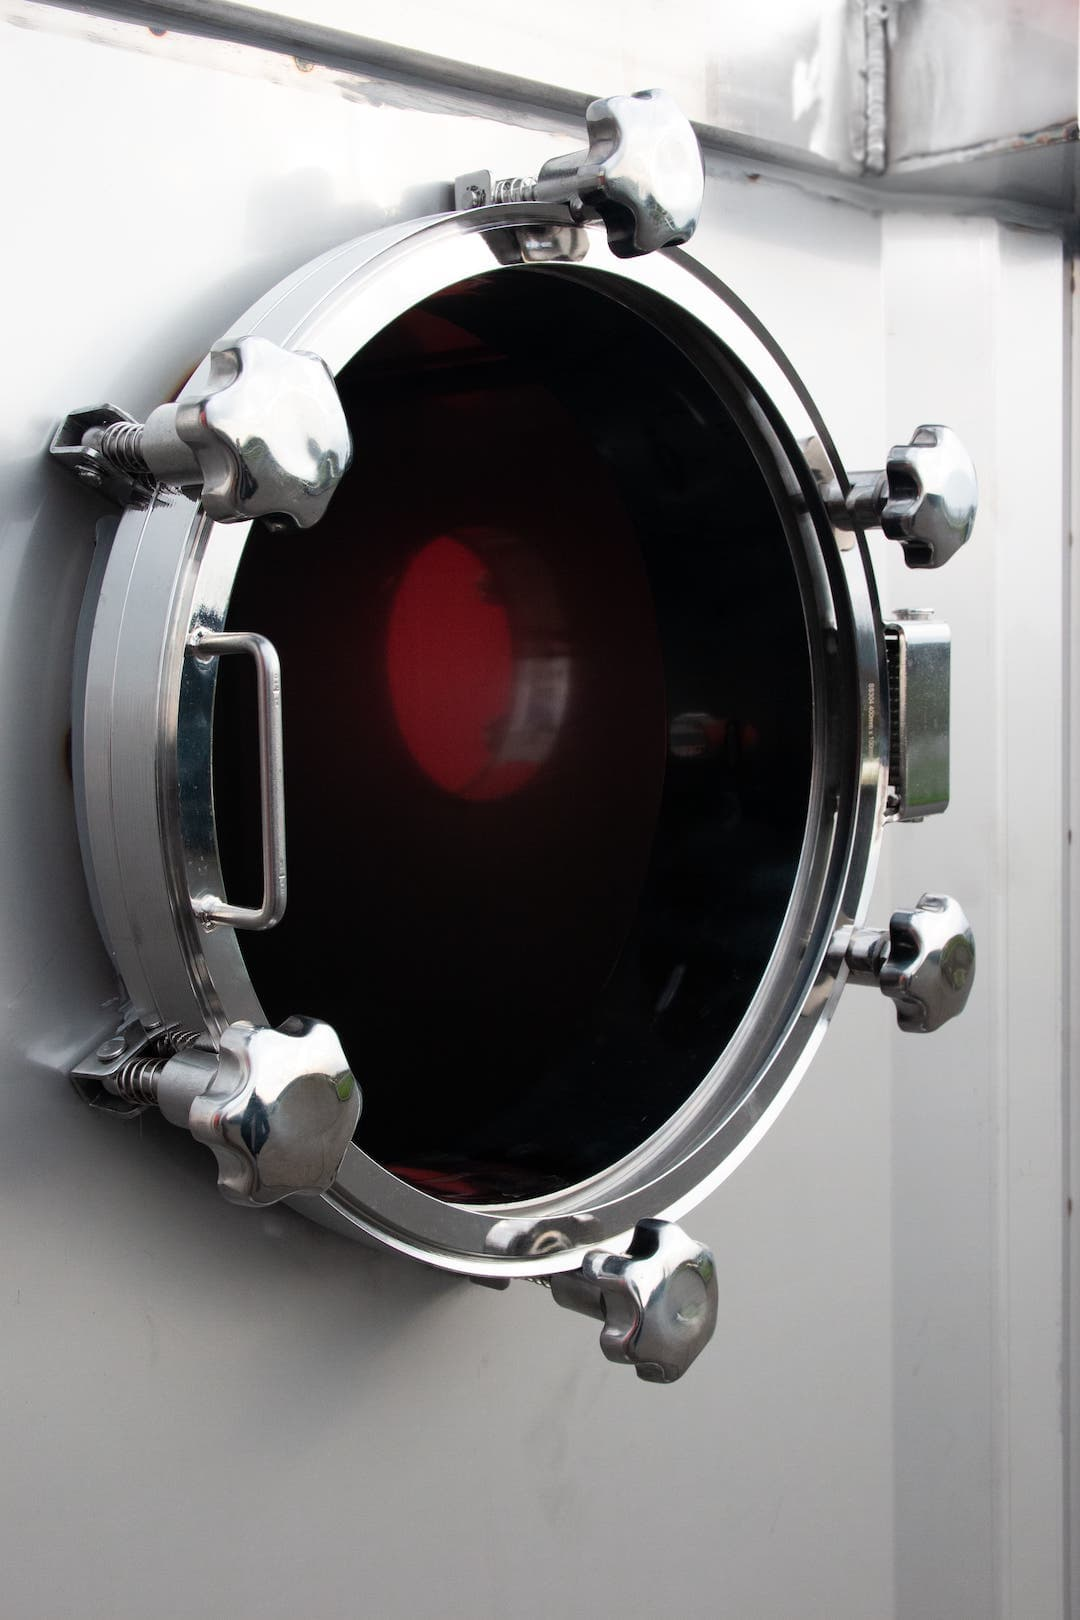 Cendrillon nucléaire anti-feu - Détails